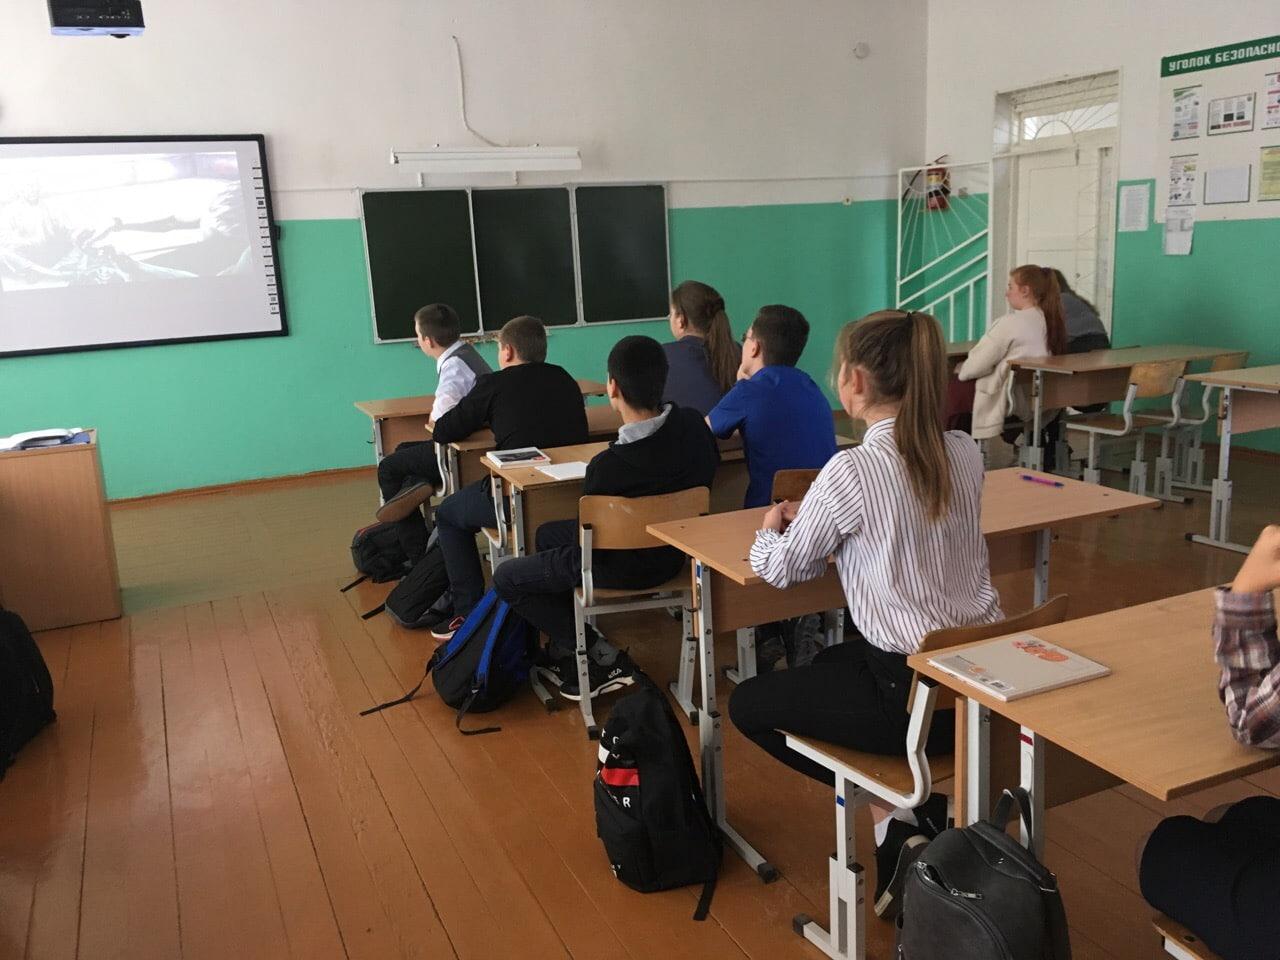 30 сентября Центром культуры и кино «Родина» проведена кинопрограмма «Свобода или наркотики?» для учащихся 8«А» и 8«Б» классов МАОУ СОШ №8.